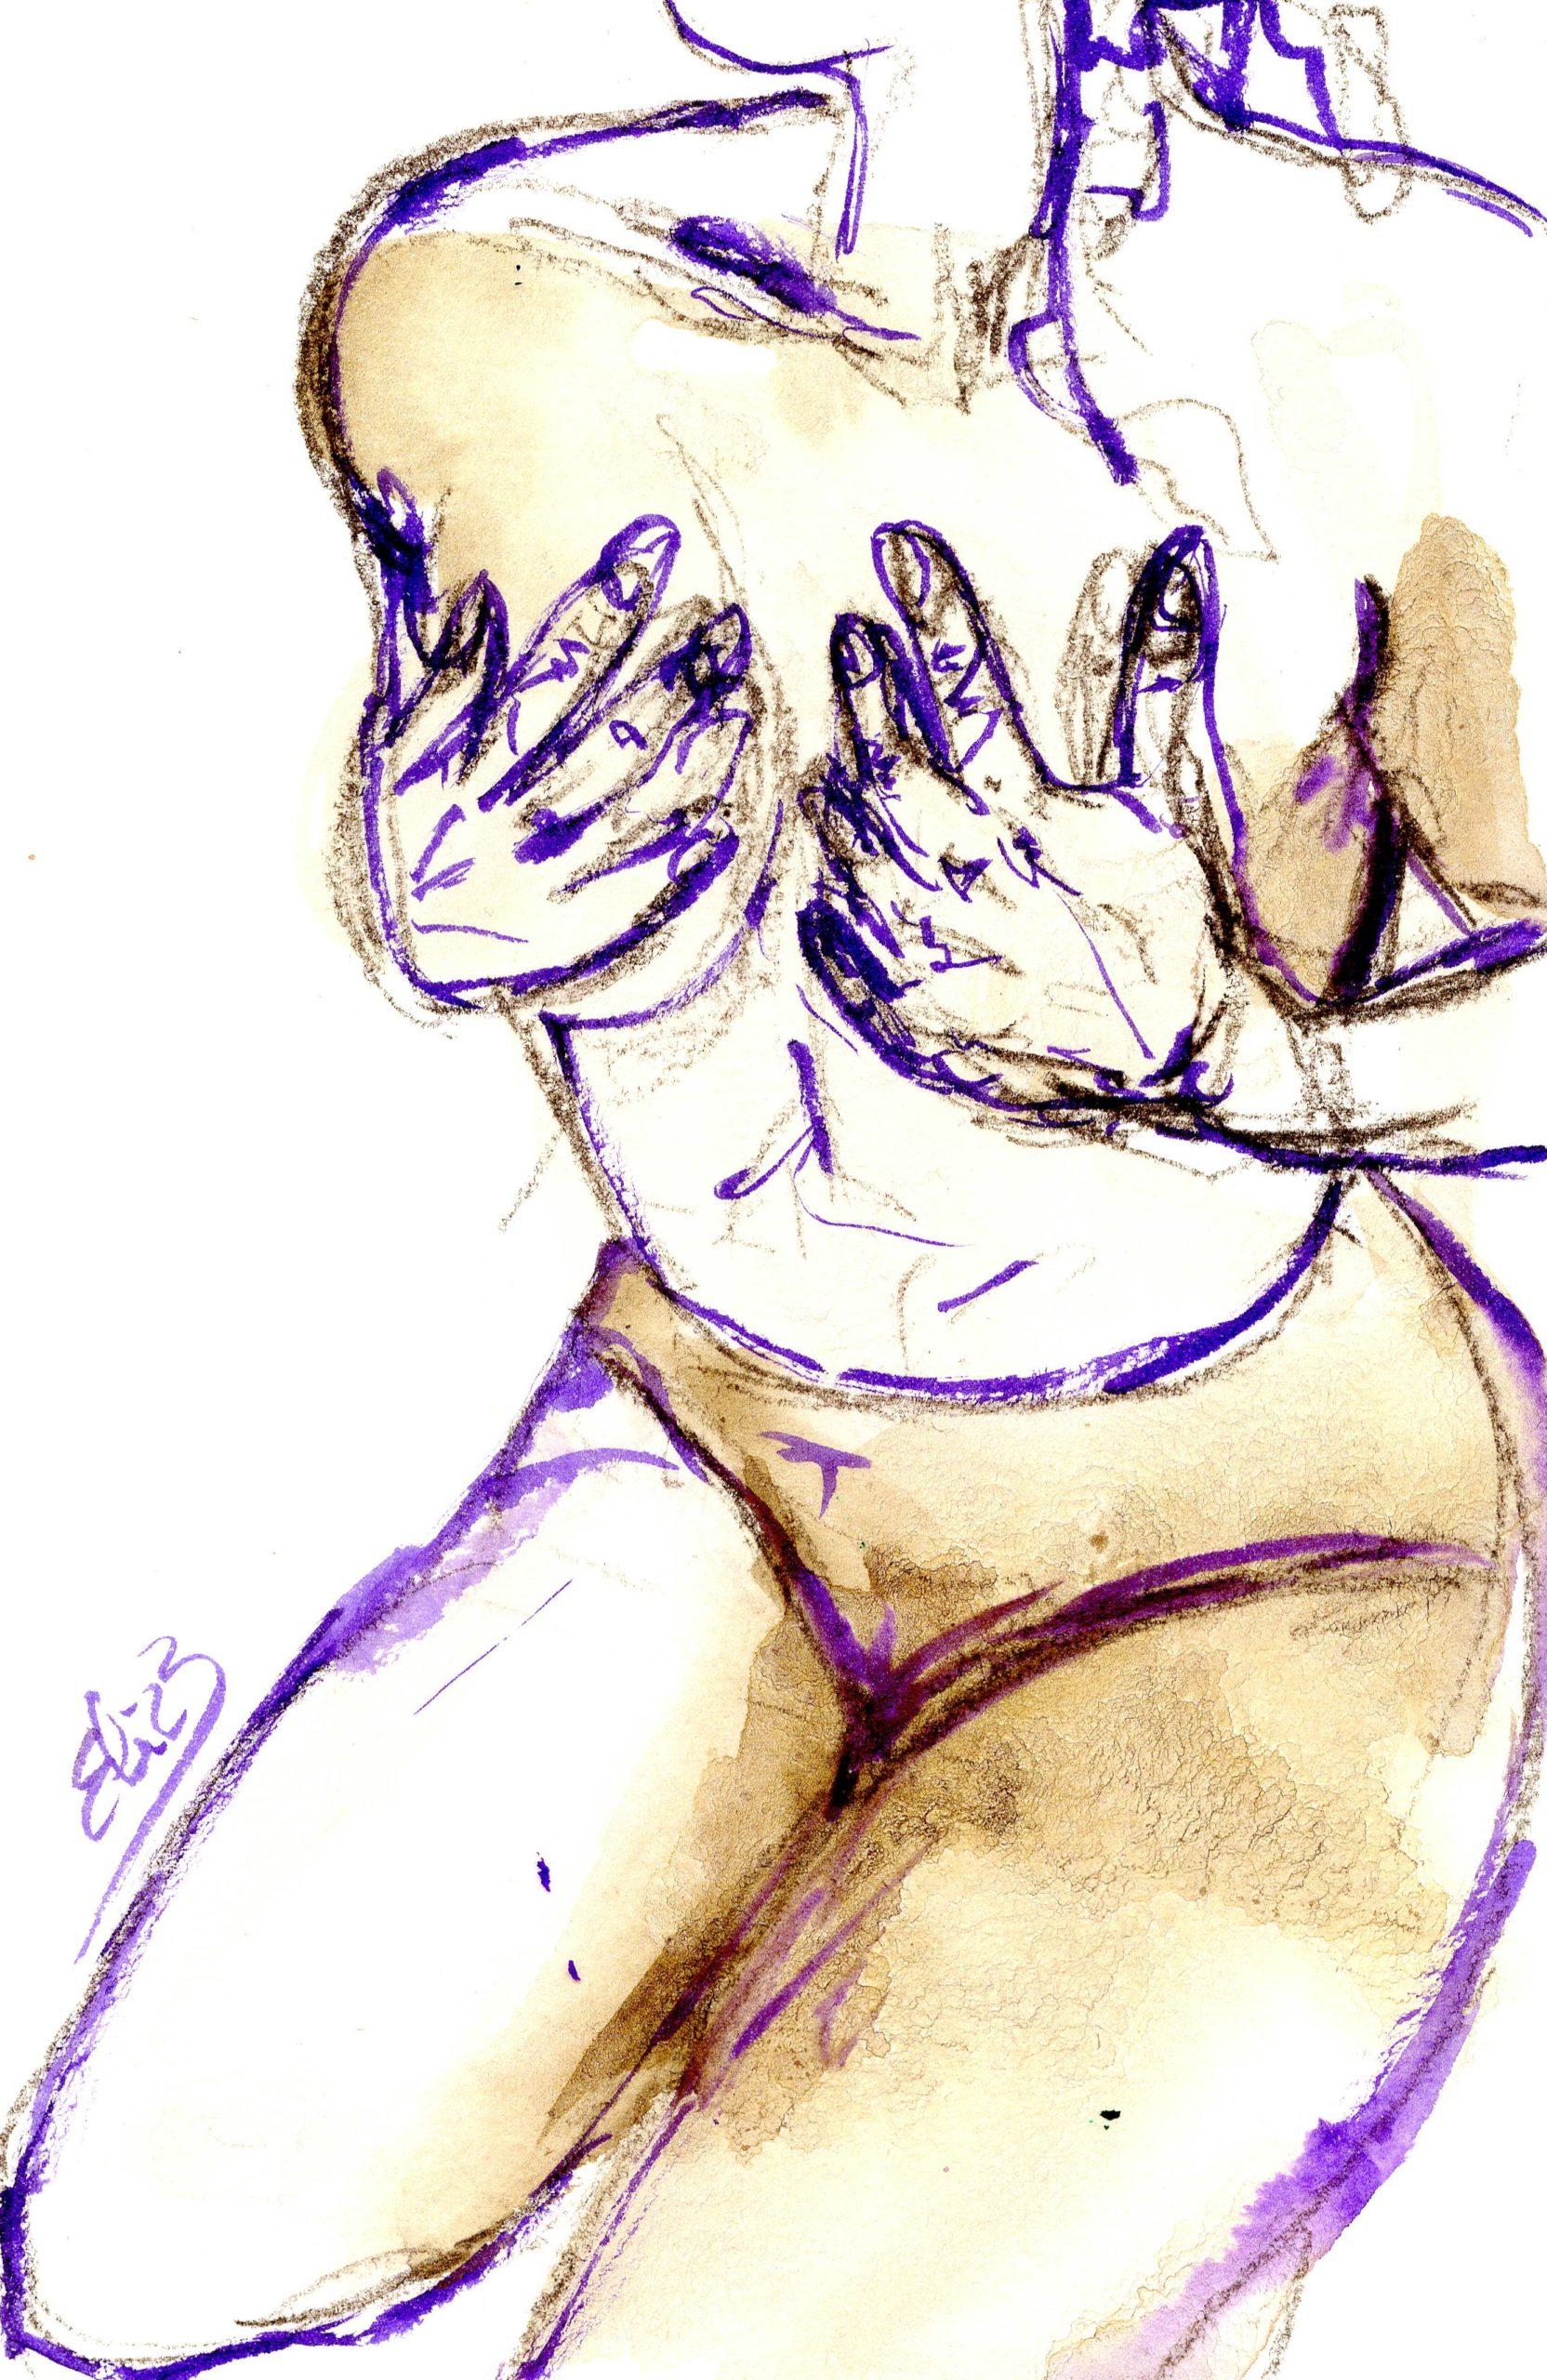 mains sur la poitrine buste esquisse dessin artistique Elize pigmentropie